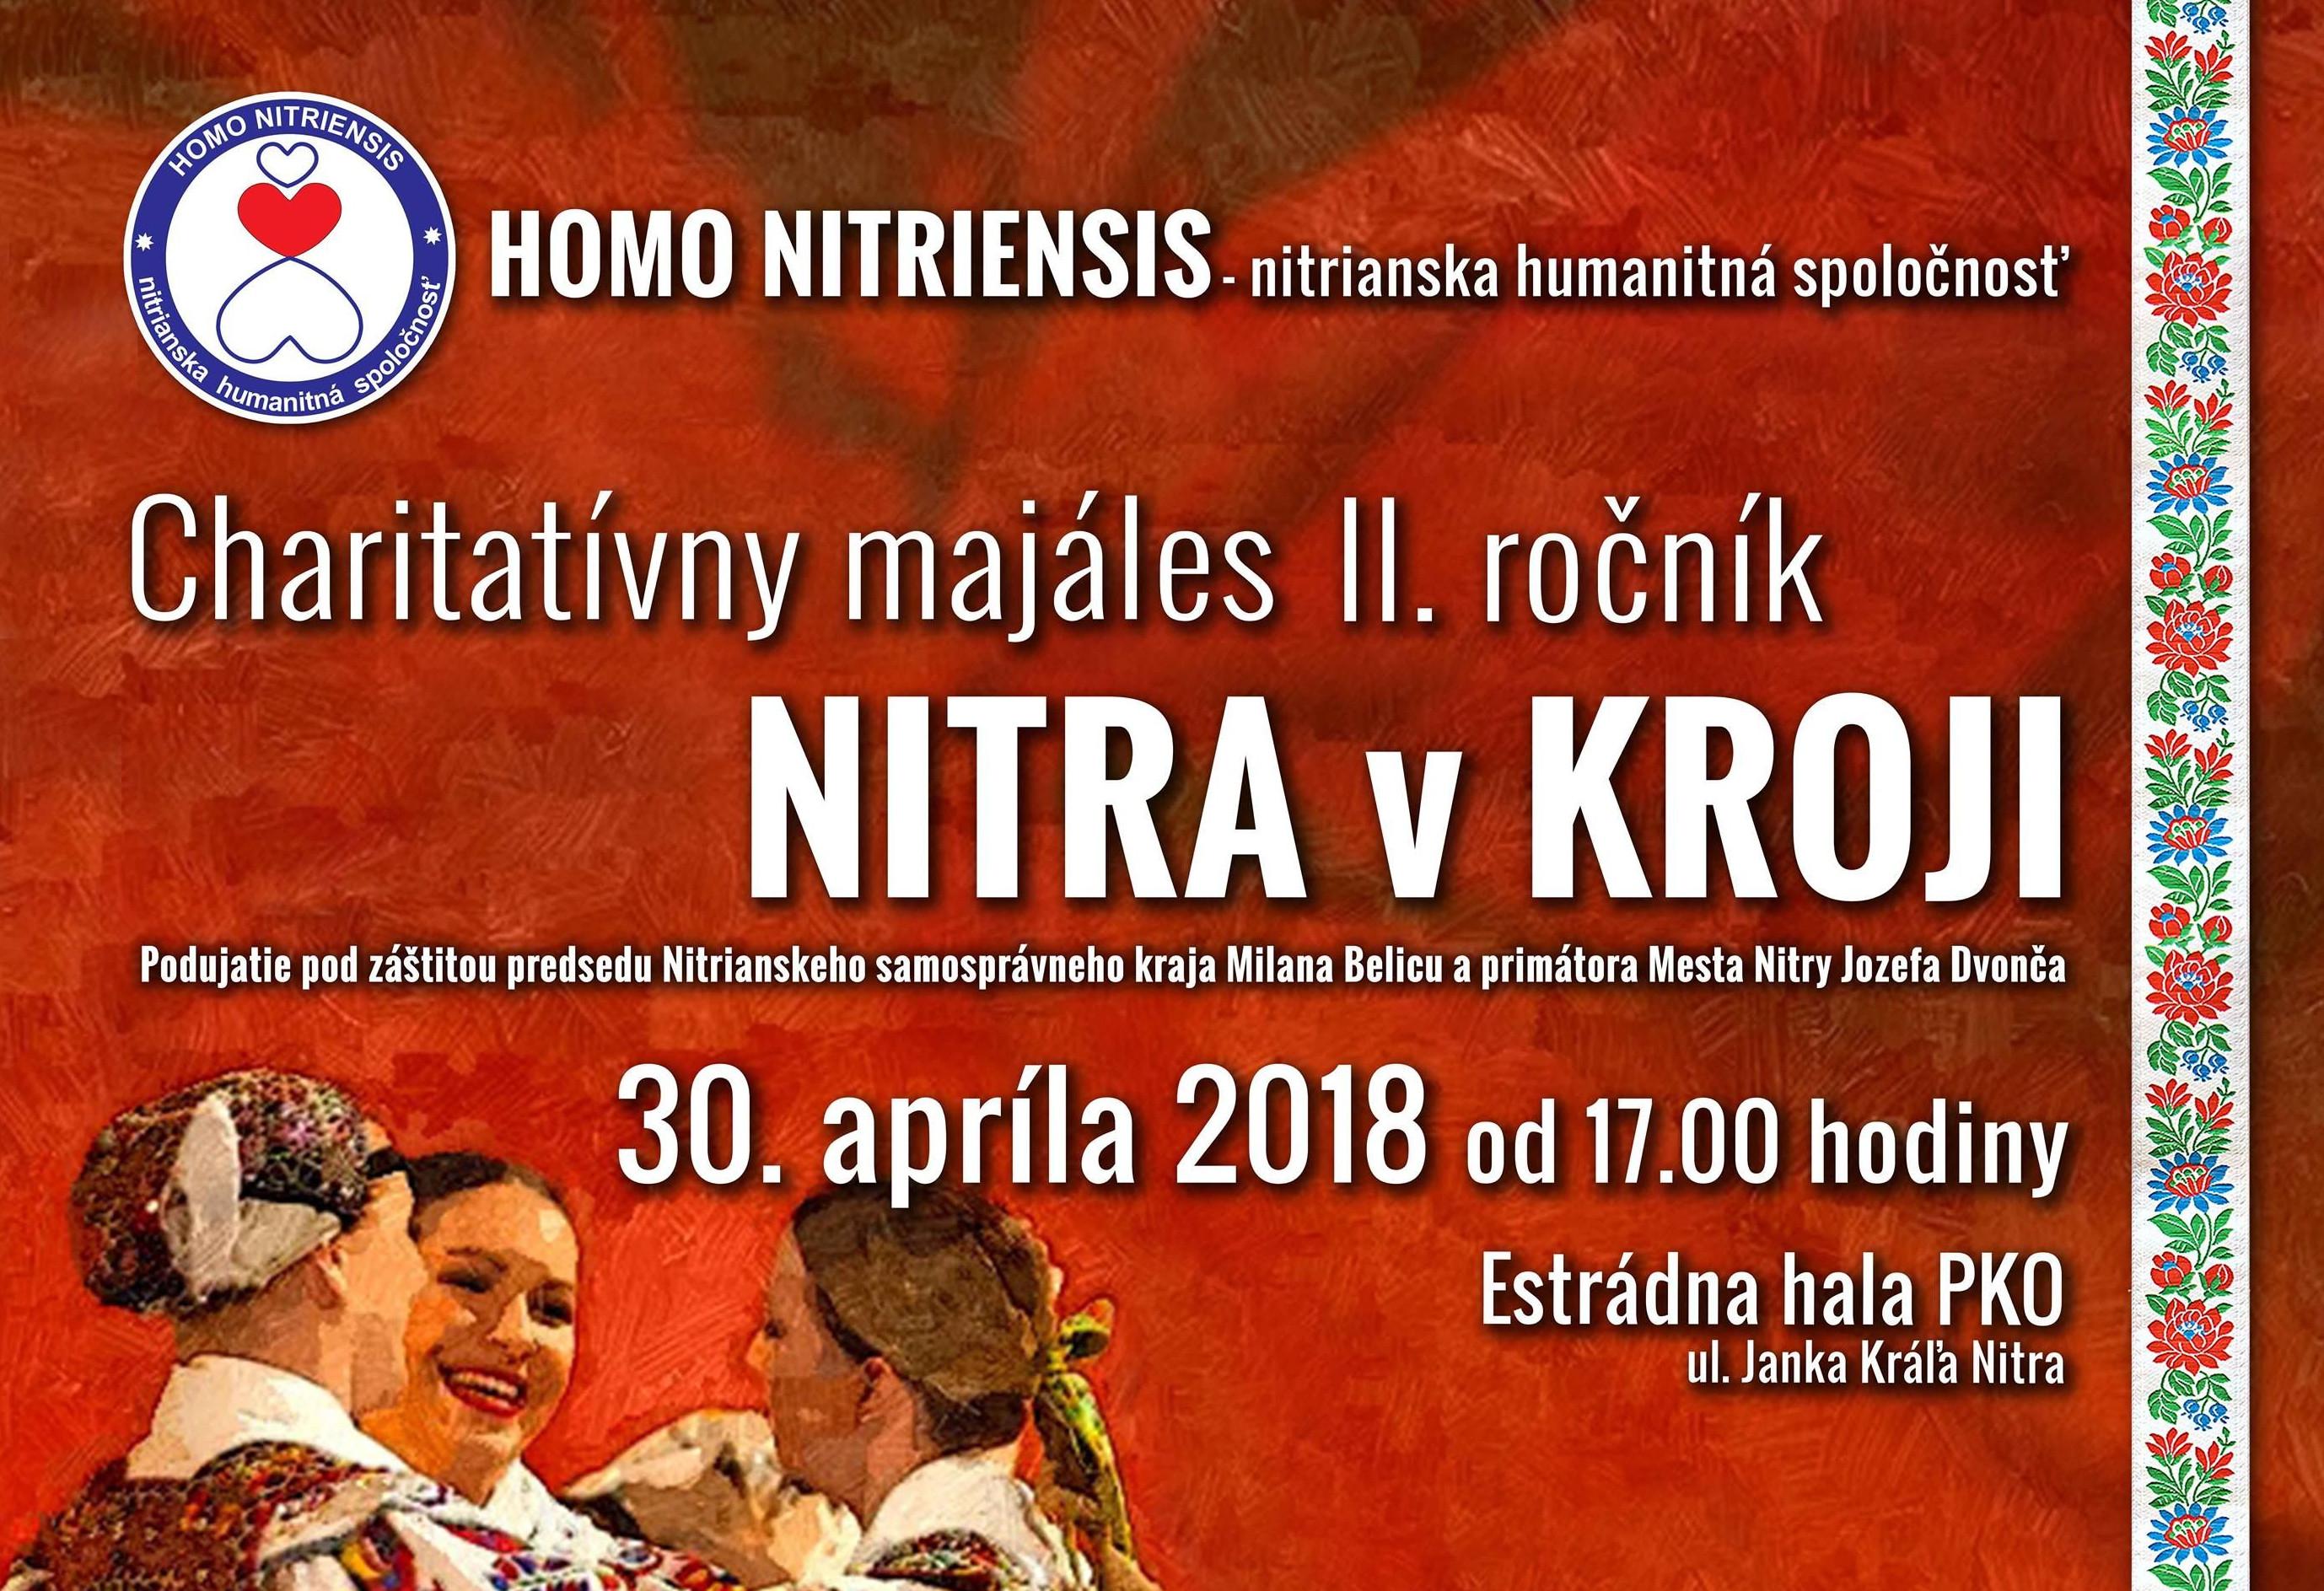 c4a31be3e535b Charitatívny Majáles NITRA v KROJI 2018 - Kam v meste | moja Nitra